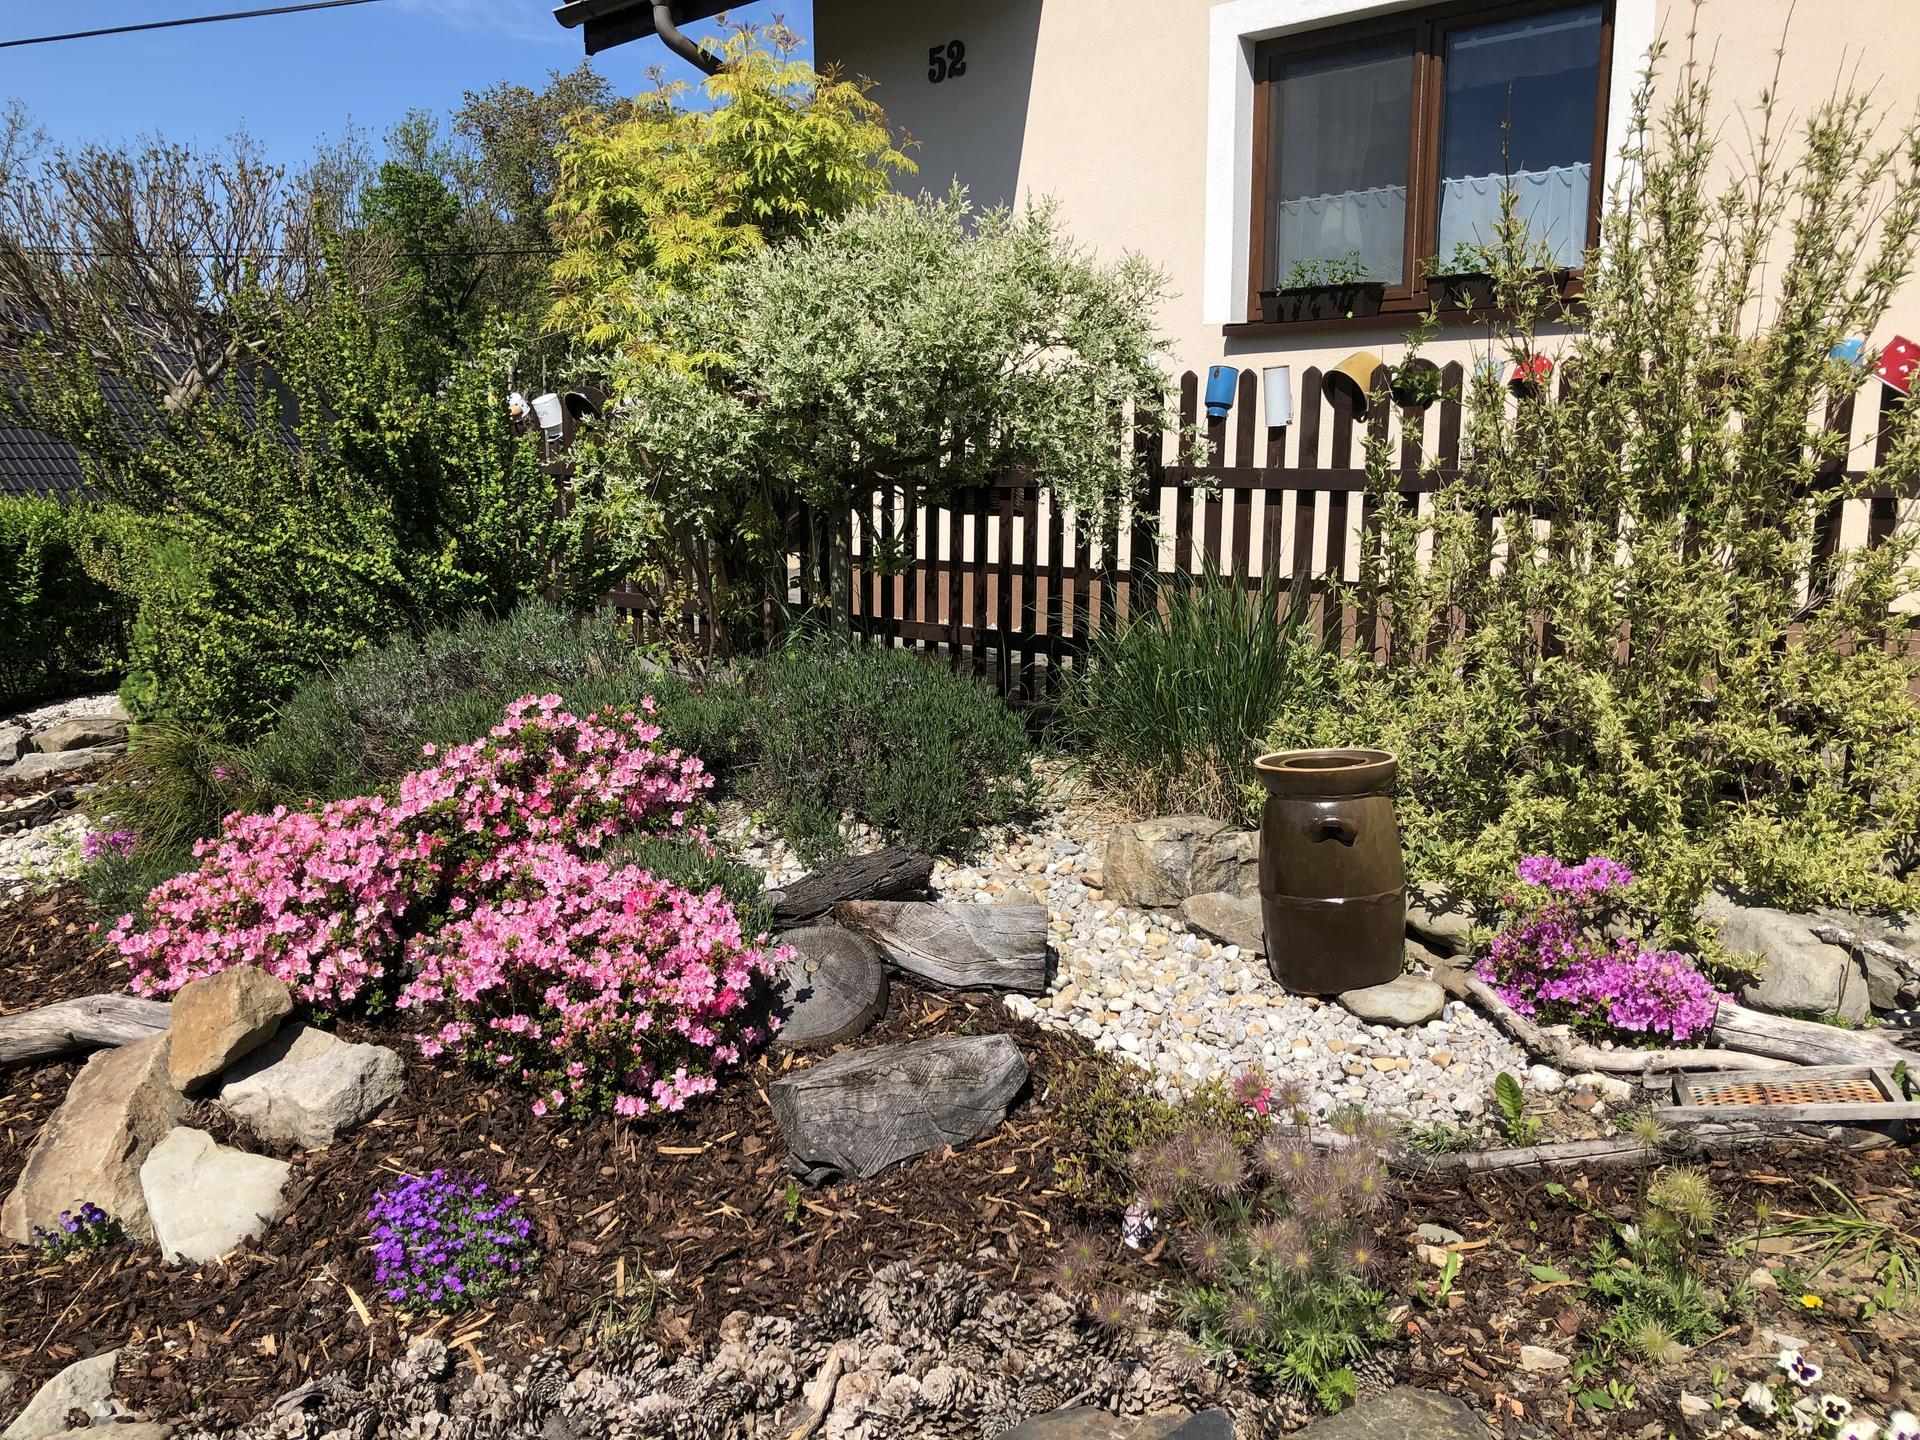 U nás doma a na zahradě 2020 - Obrázek č. 59